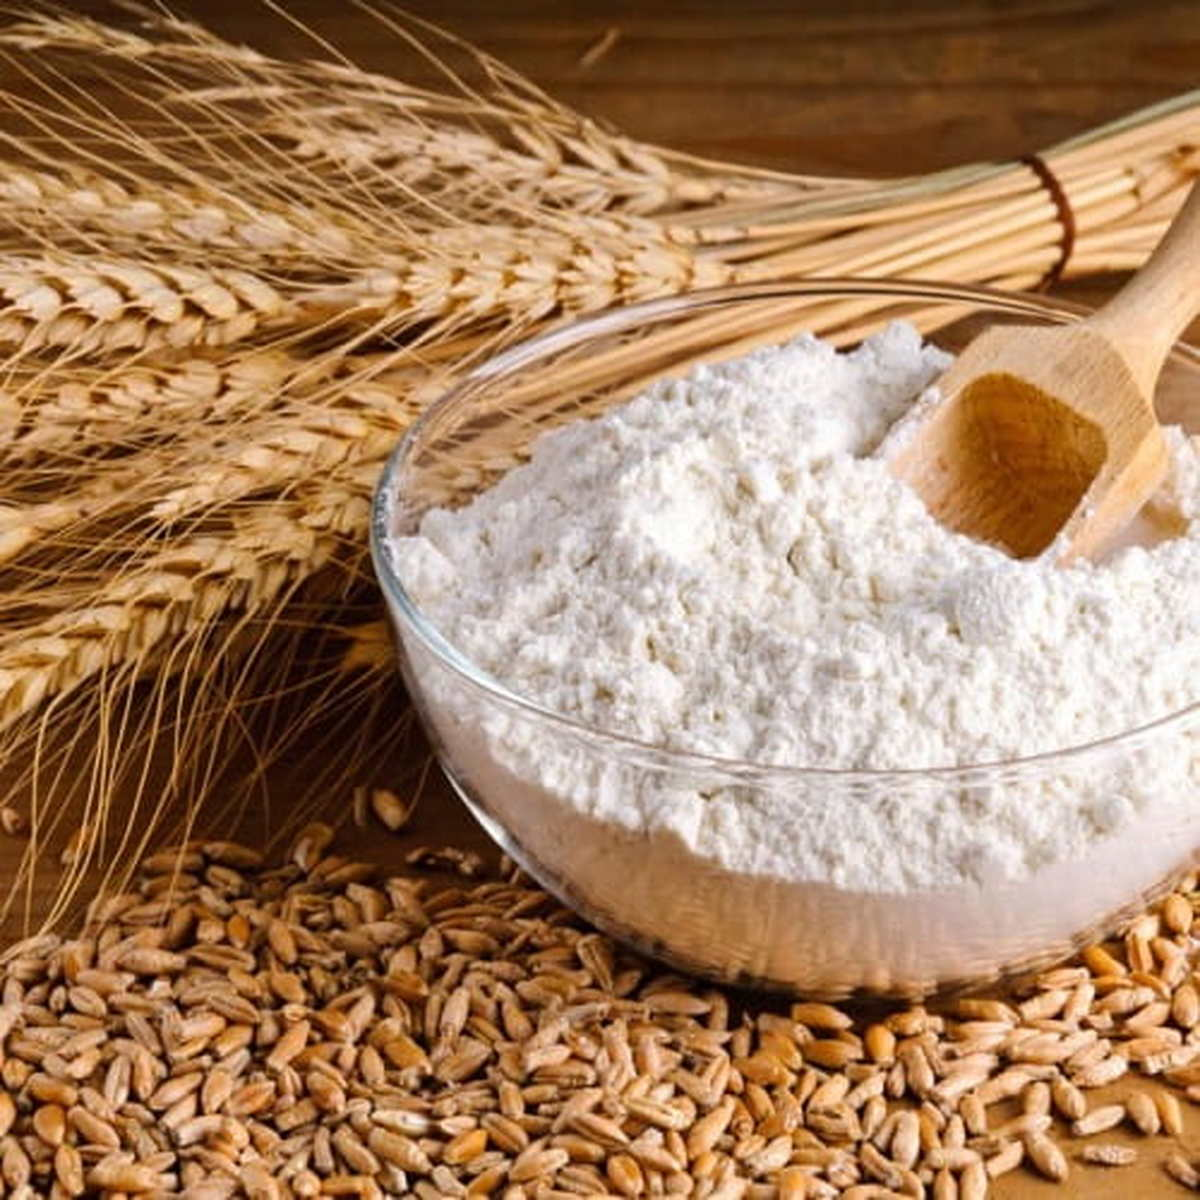 رانت های پشت پرده حواله های سبوس /  بلاتکلیفی کارخانجات تولید آرد در ایران